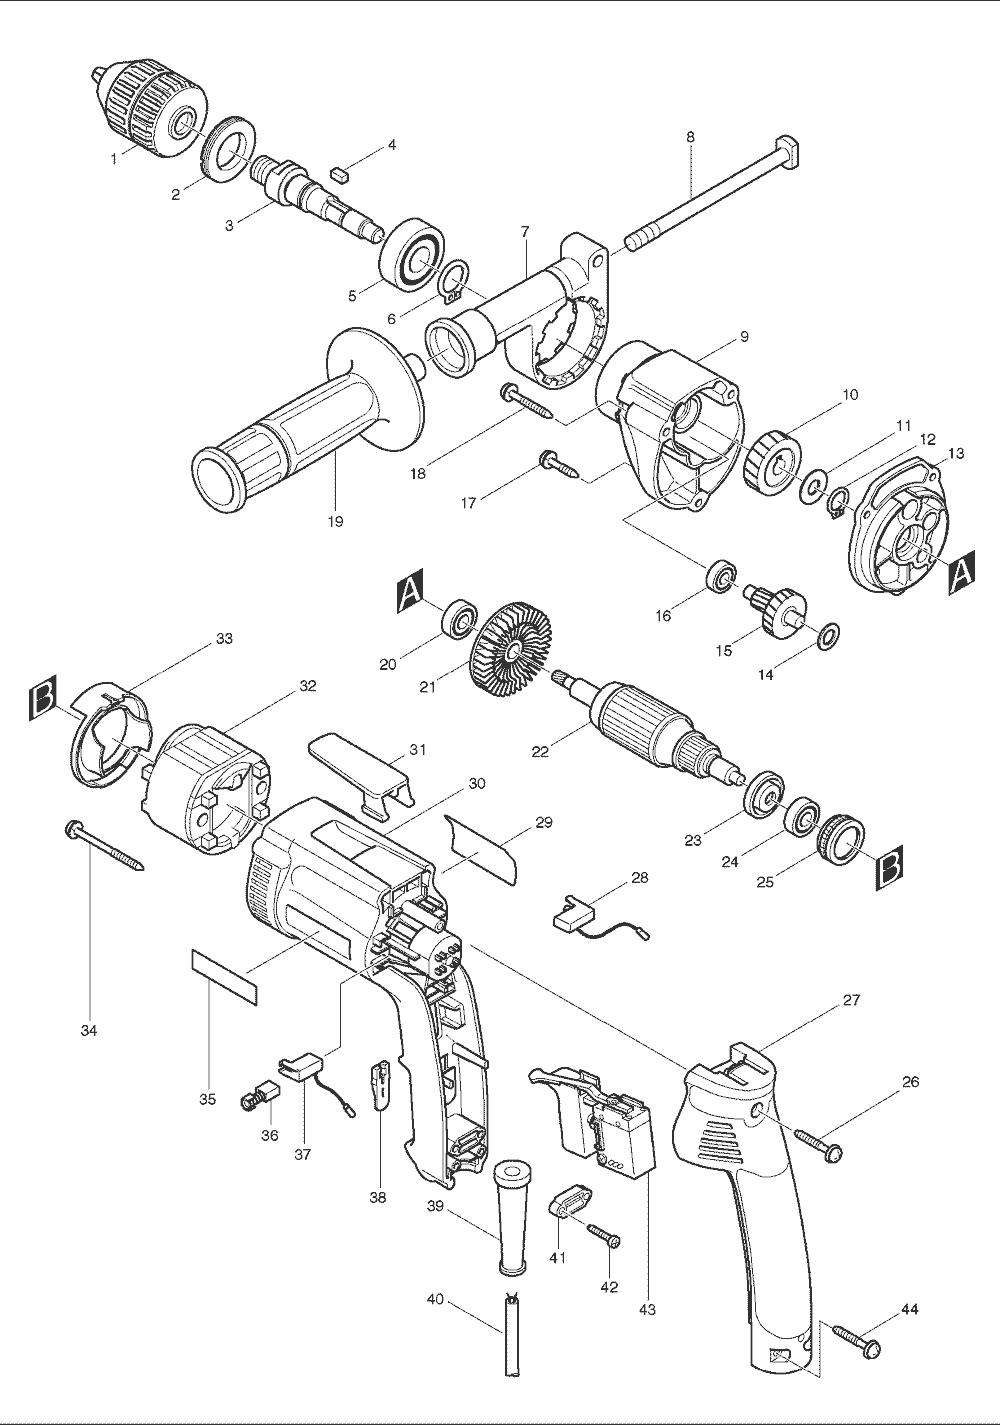 buy makita dp3003 replacement tool parts